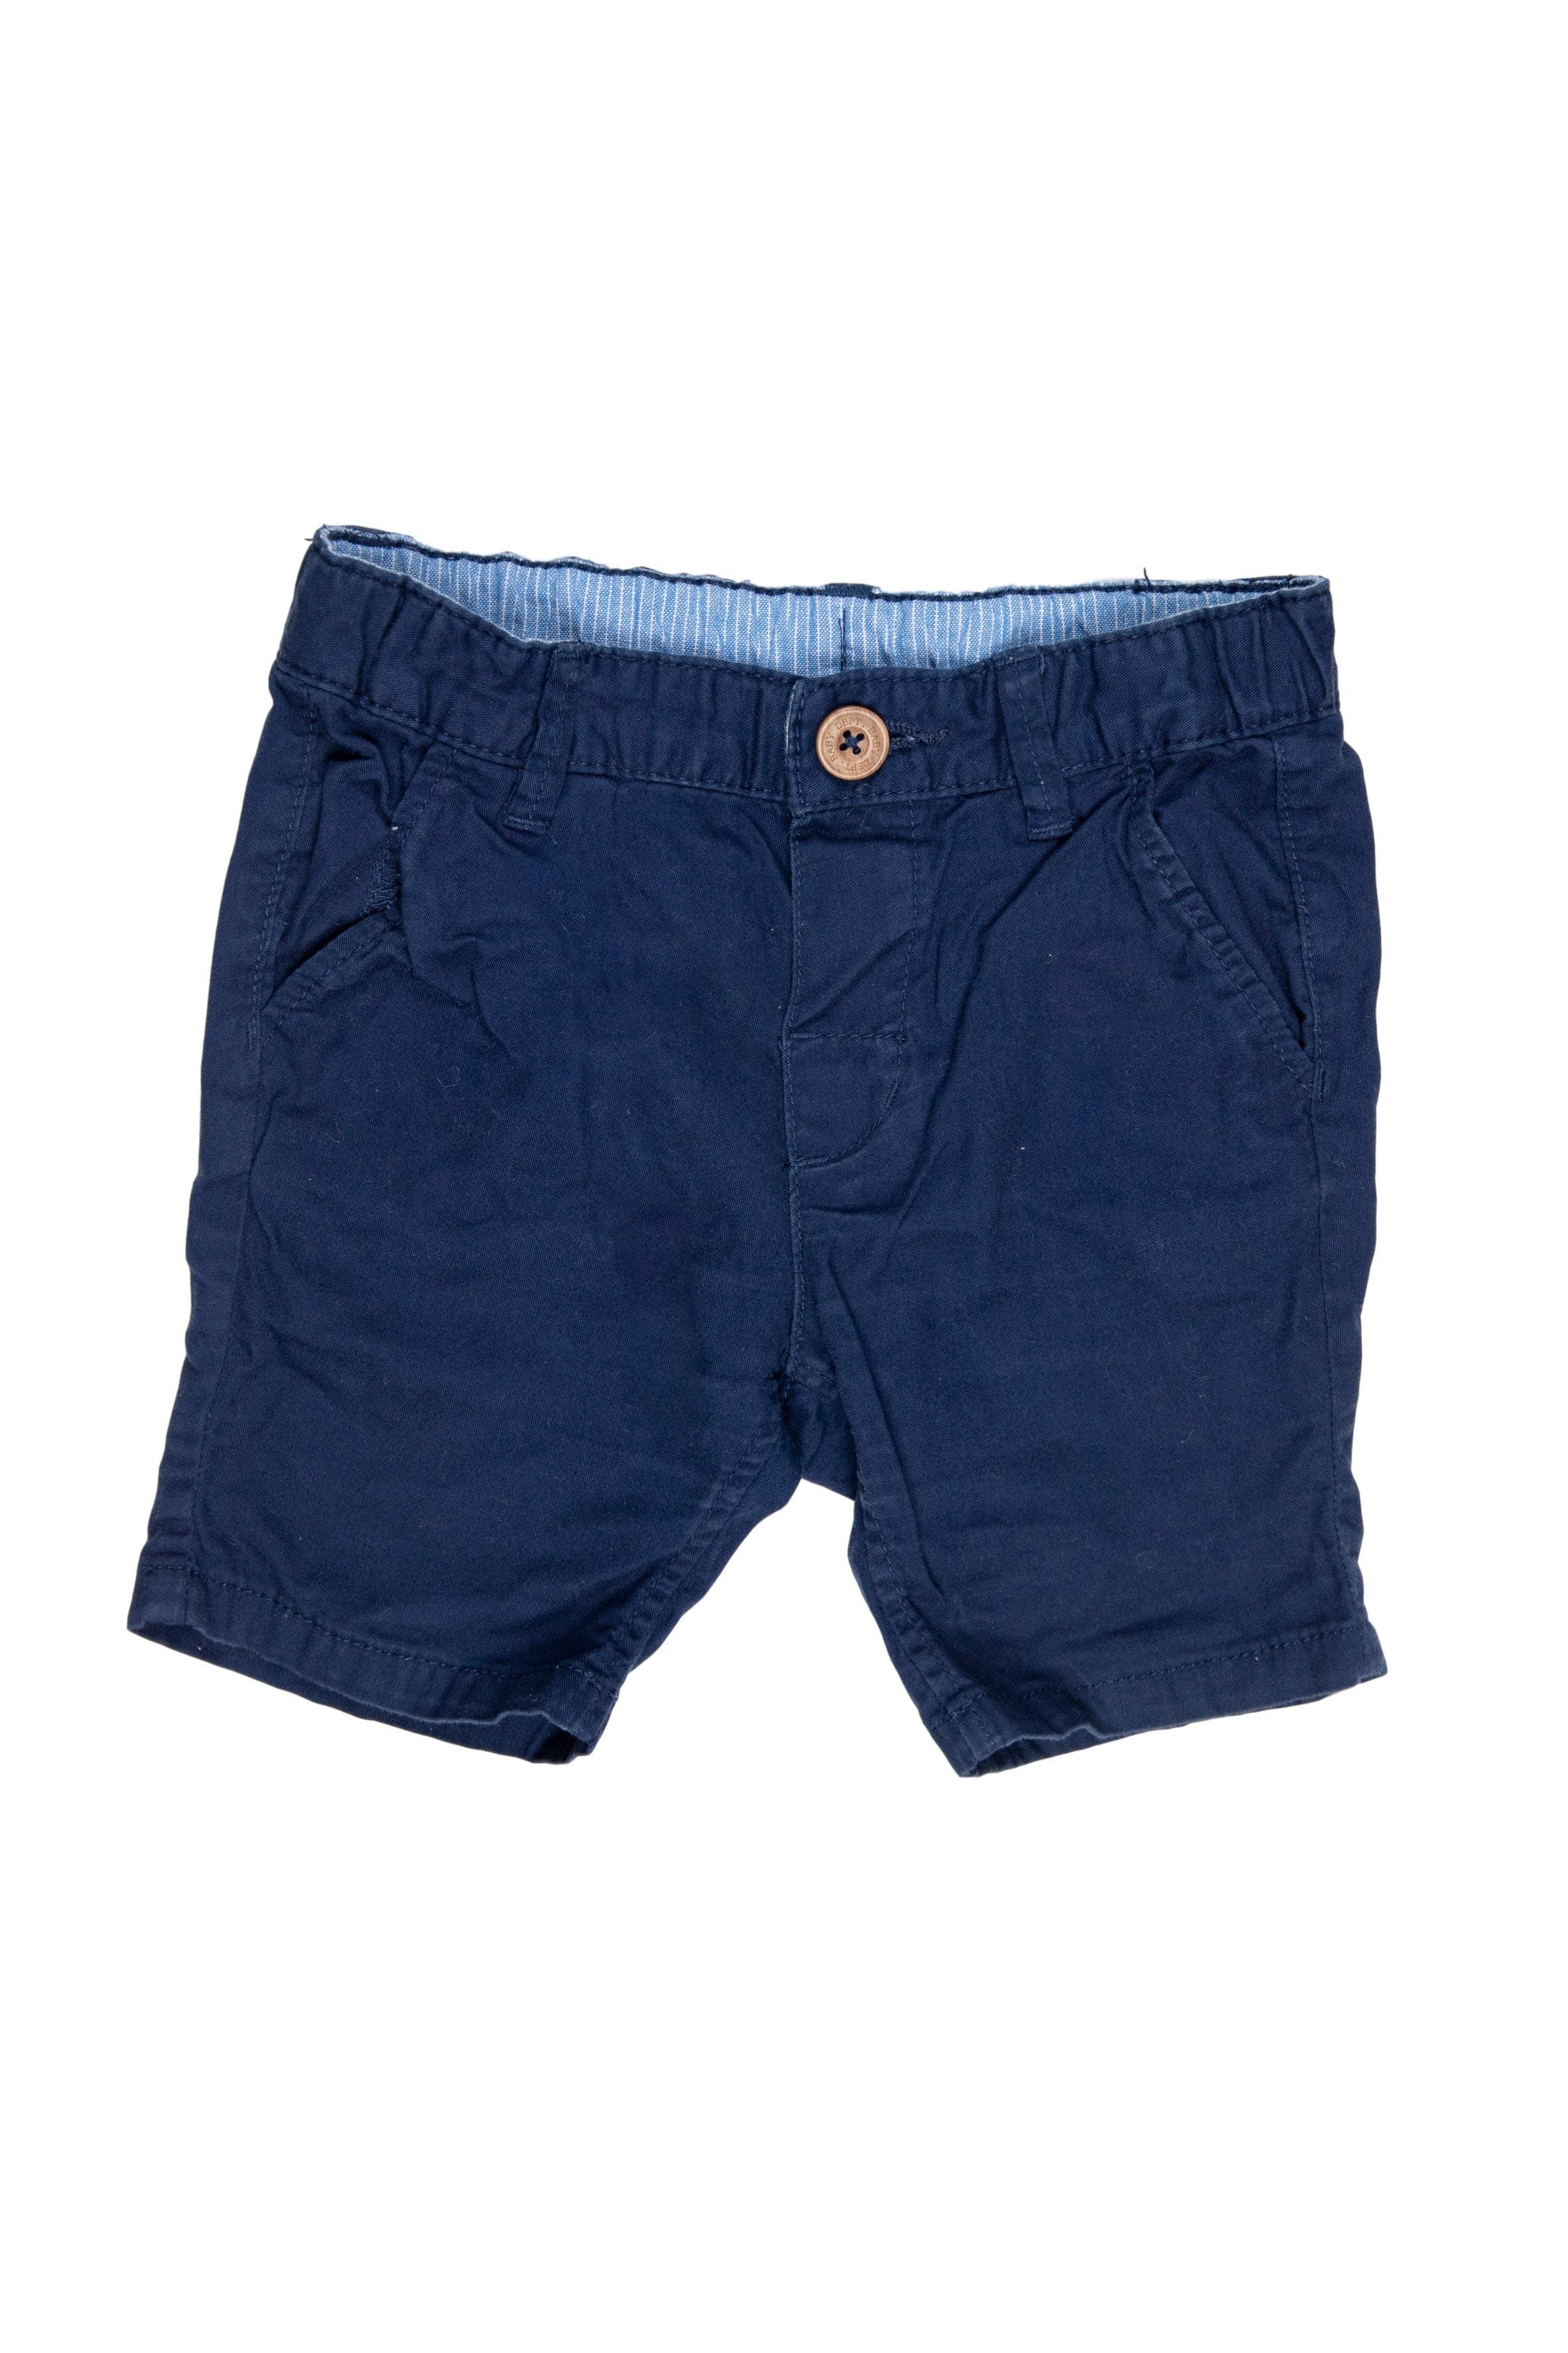 short azul largo con botón y bolsillos100% algodón - H & M